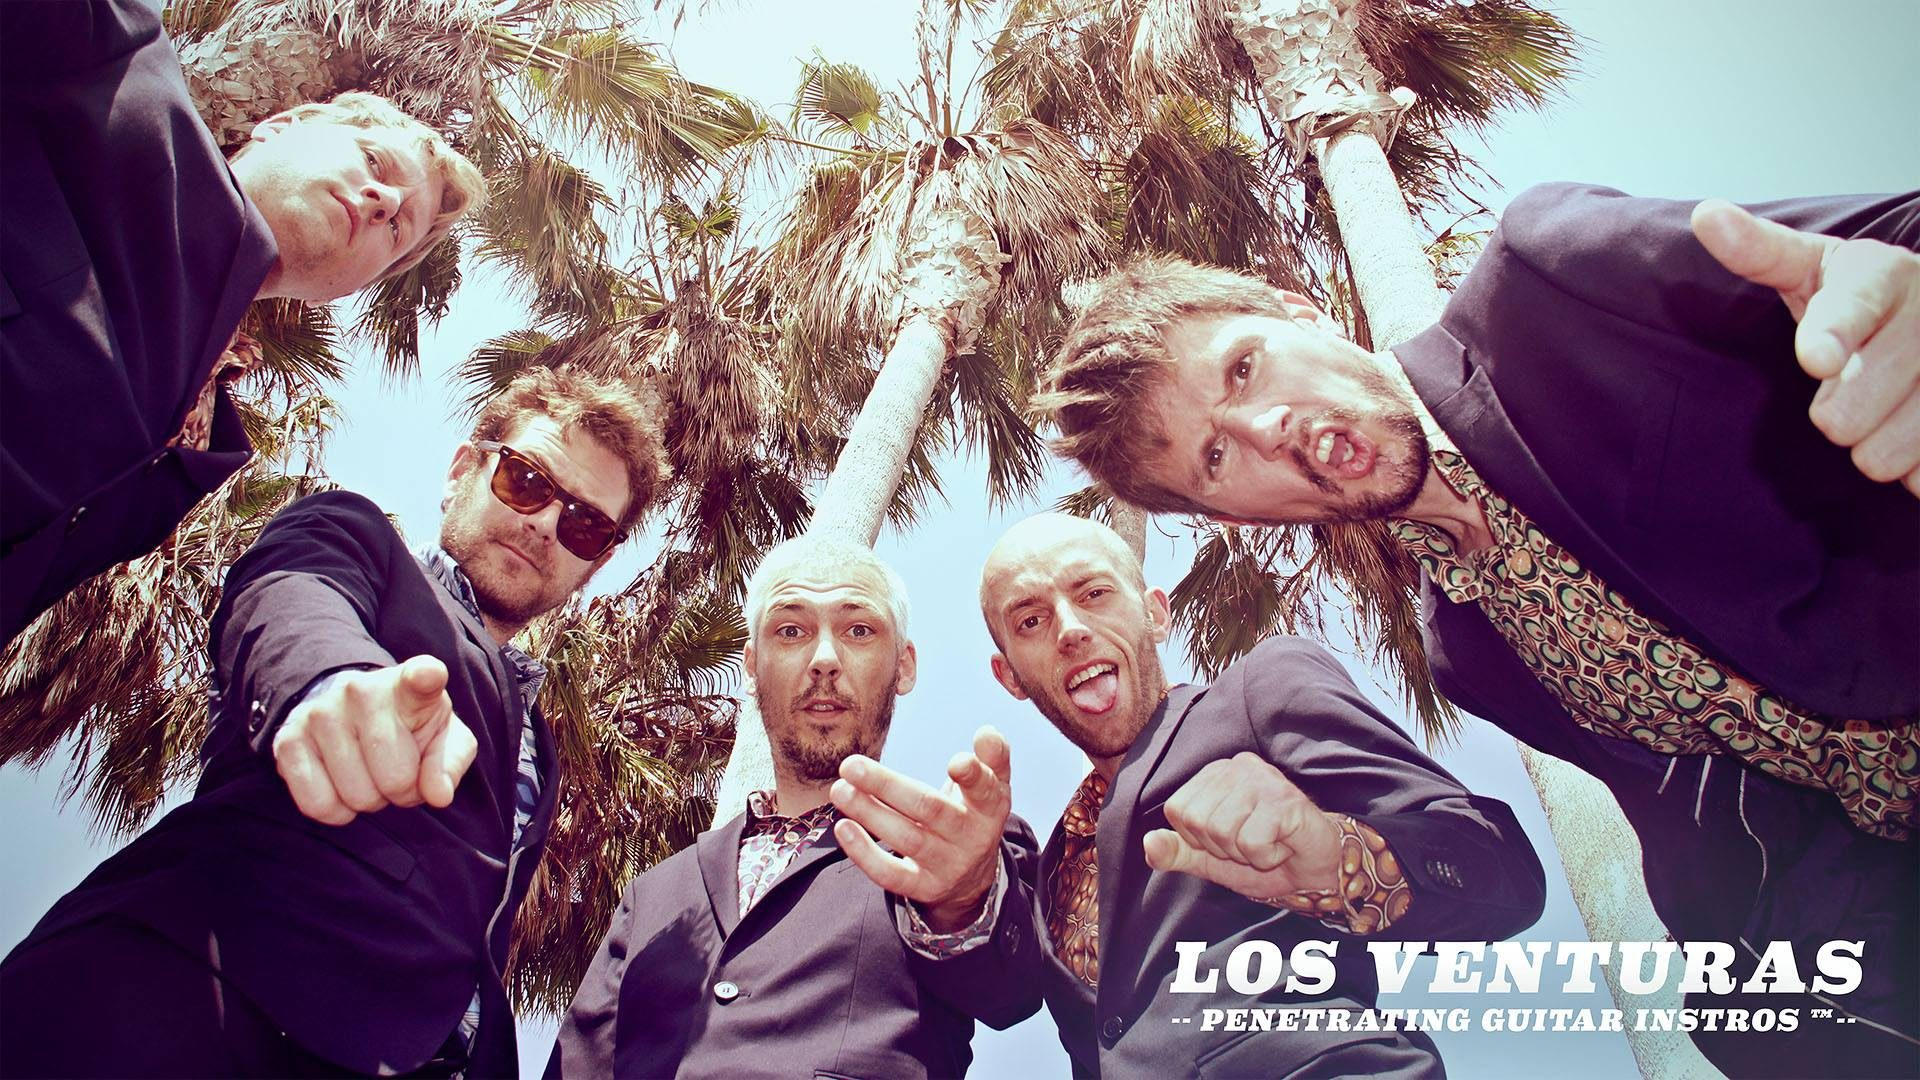 Los Venturas penetrating guitar instros Belgium Green Cookie records promo photo